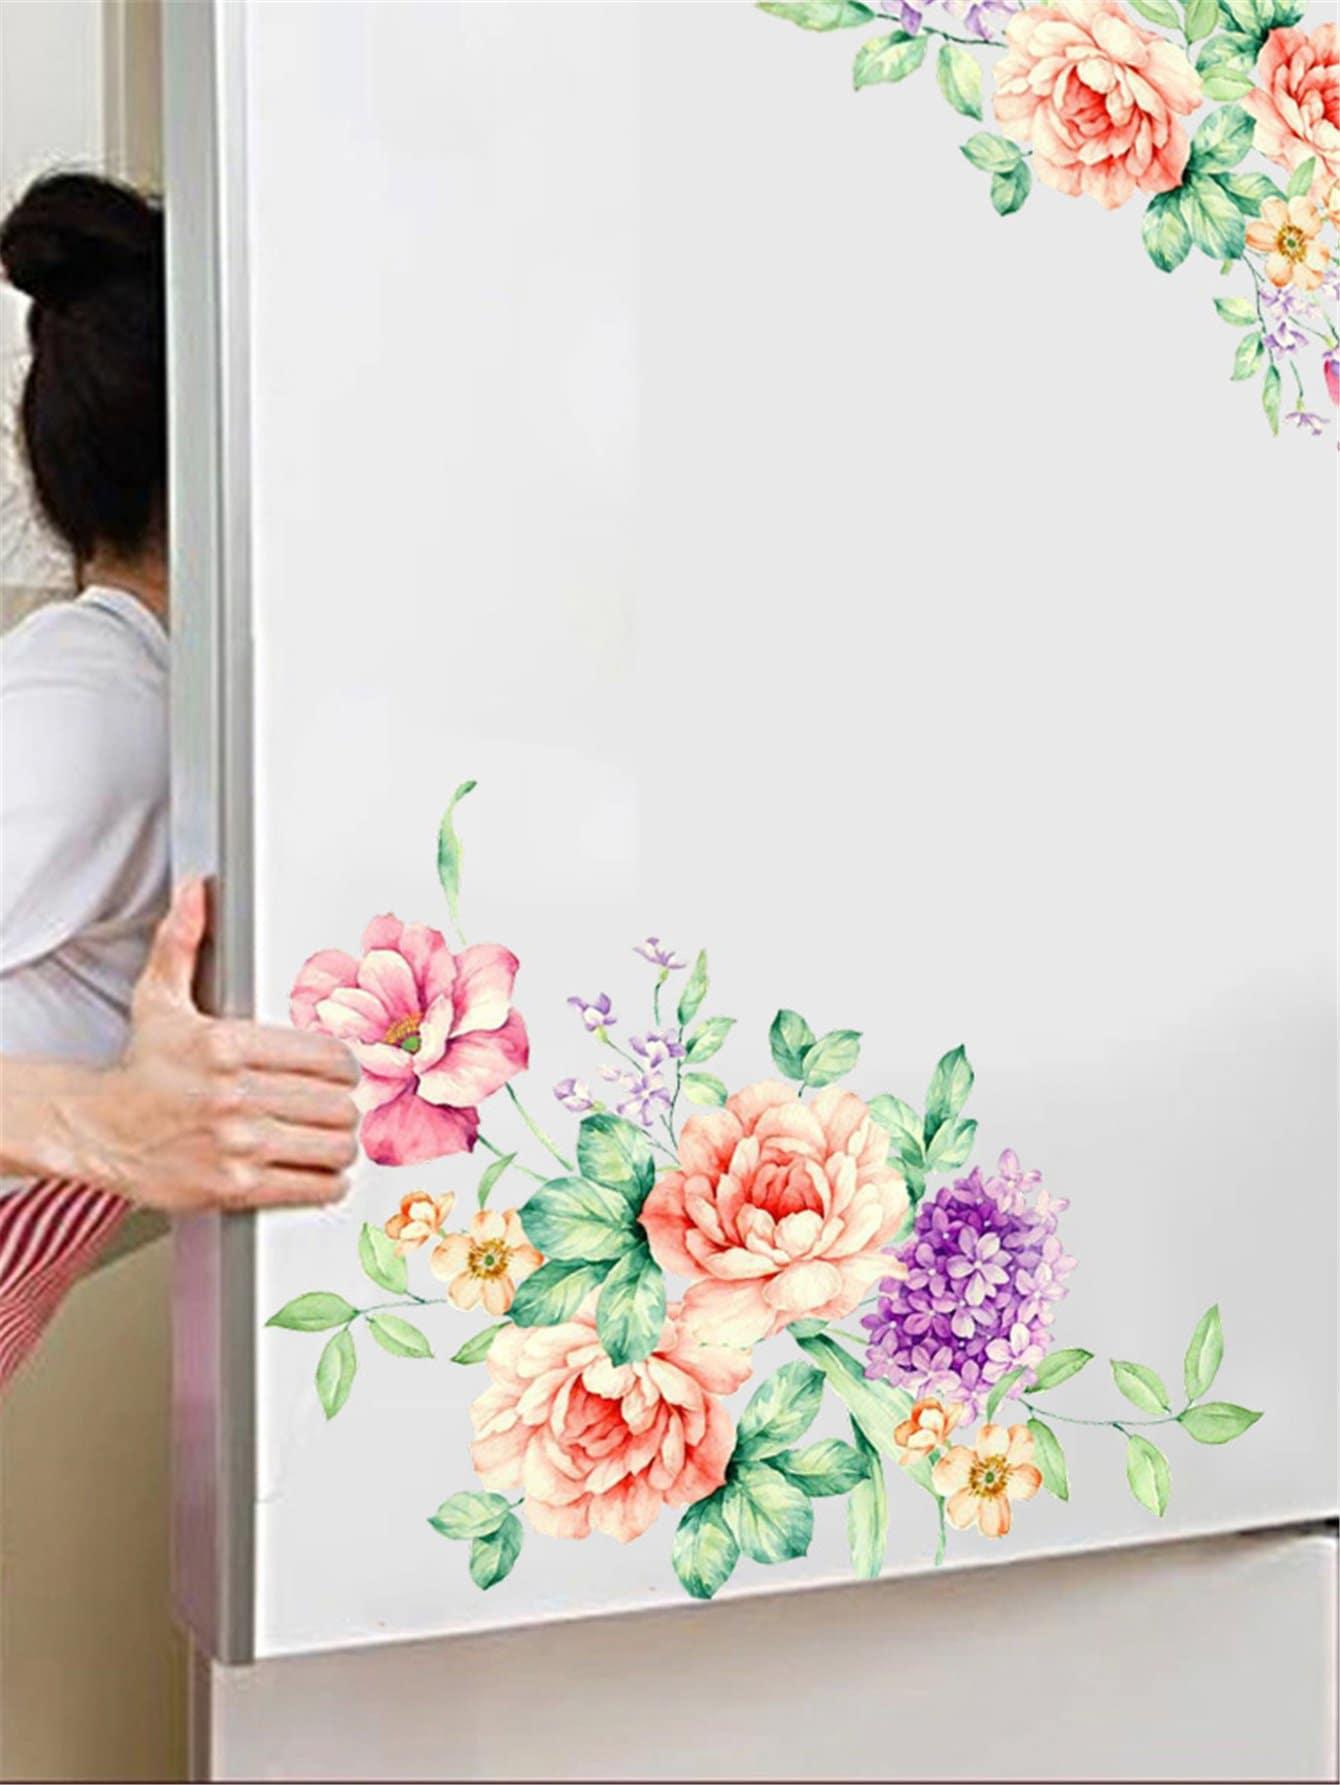 Купить Наклейка с цветочным дизайном, null, SheIn